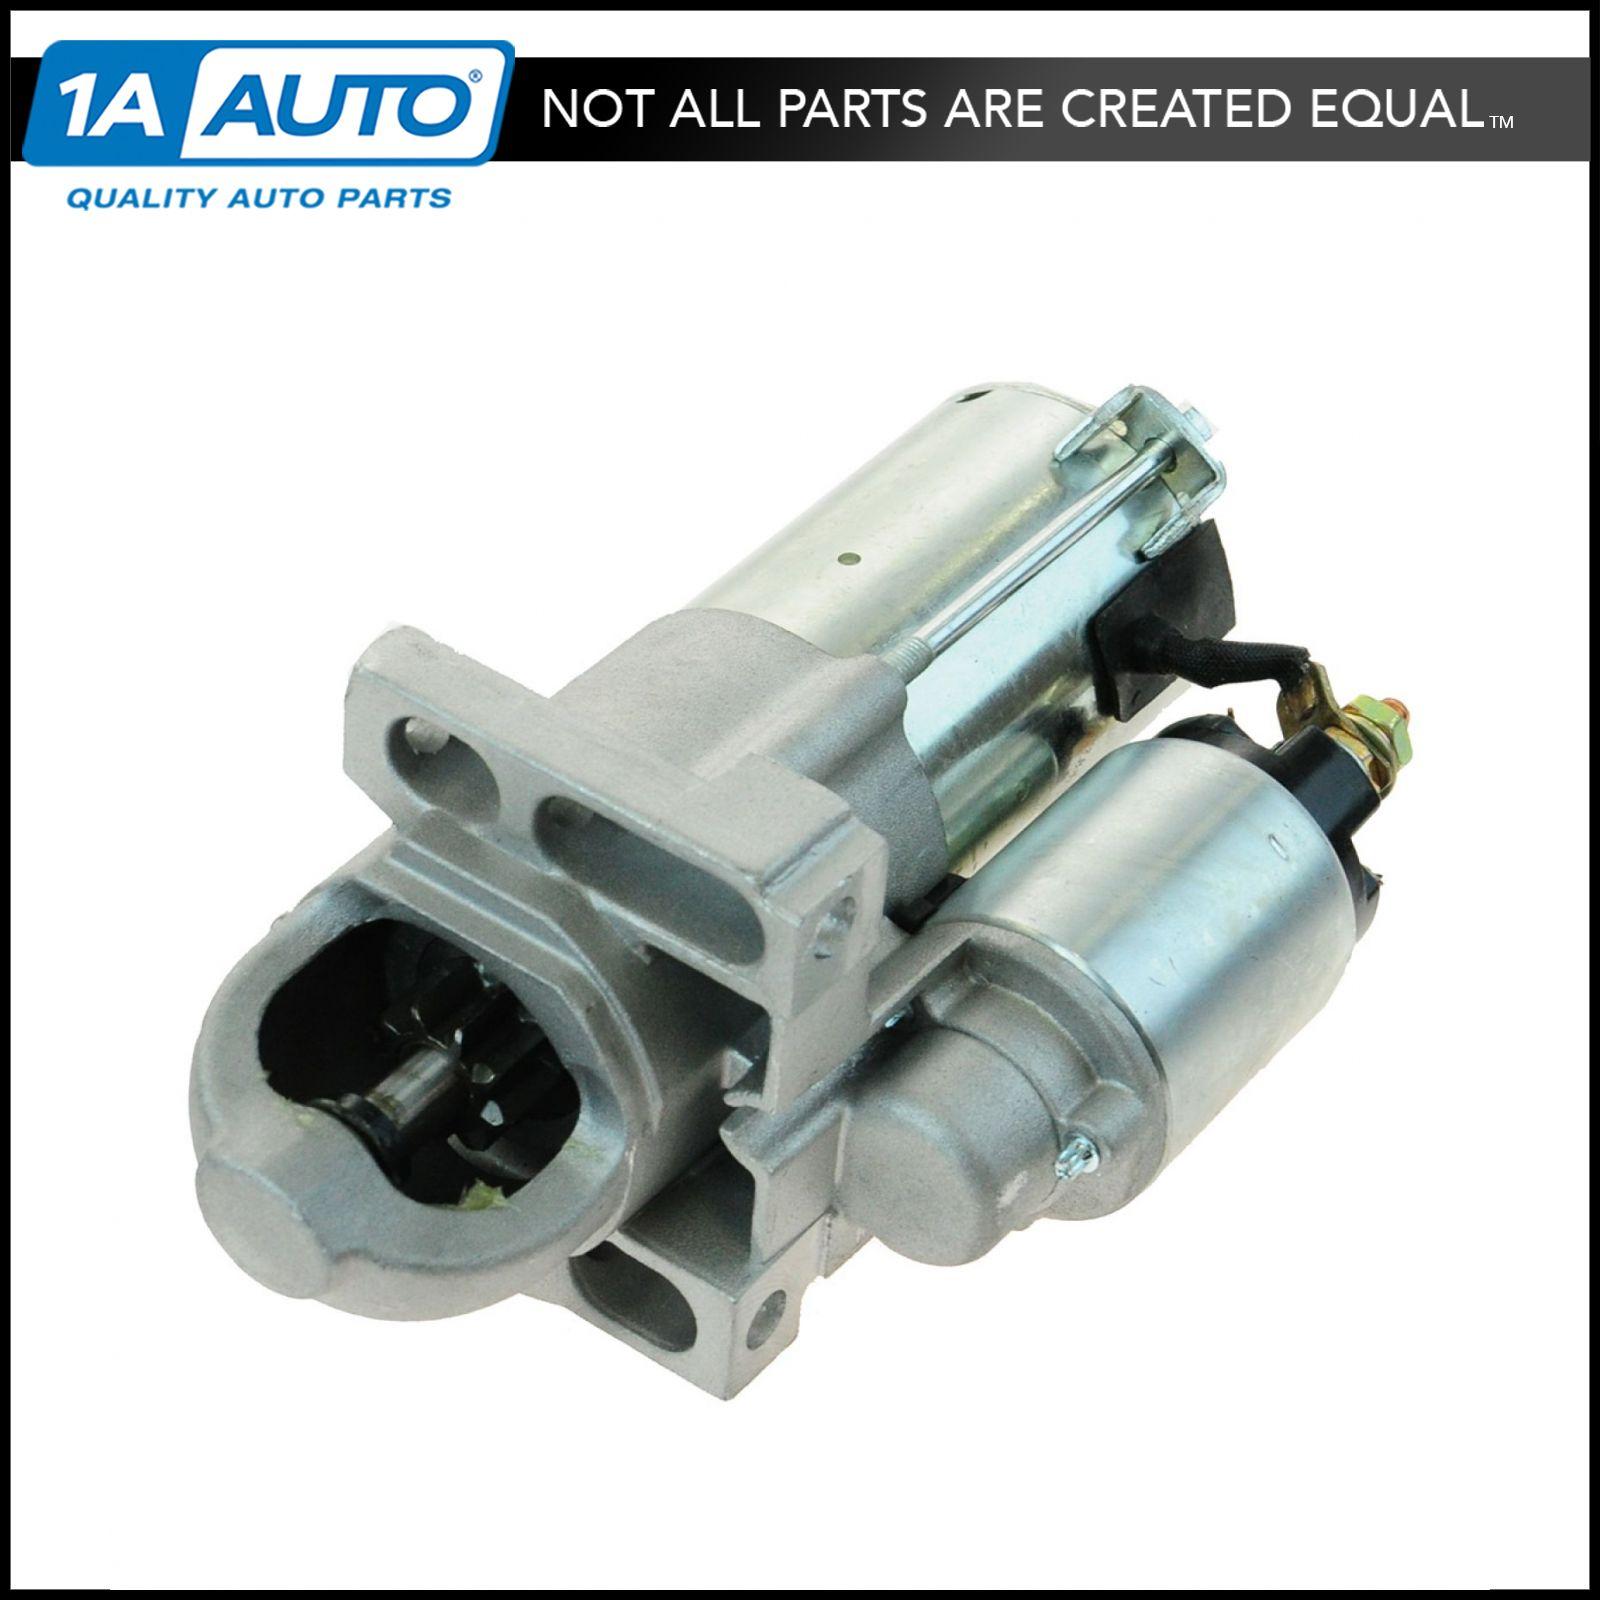 2007 GMC Savana1500 Truck  8 Cylinder 5.3 Liter Engine  Starter Motor